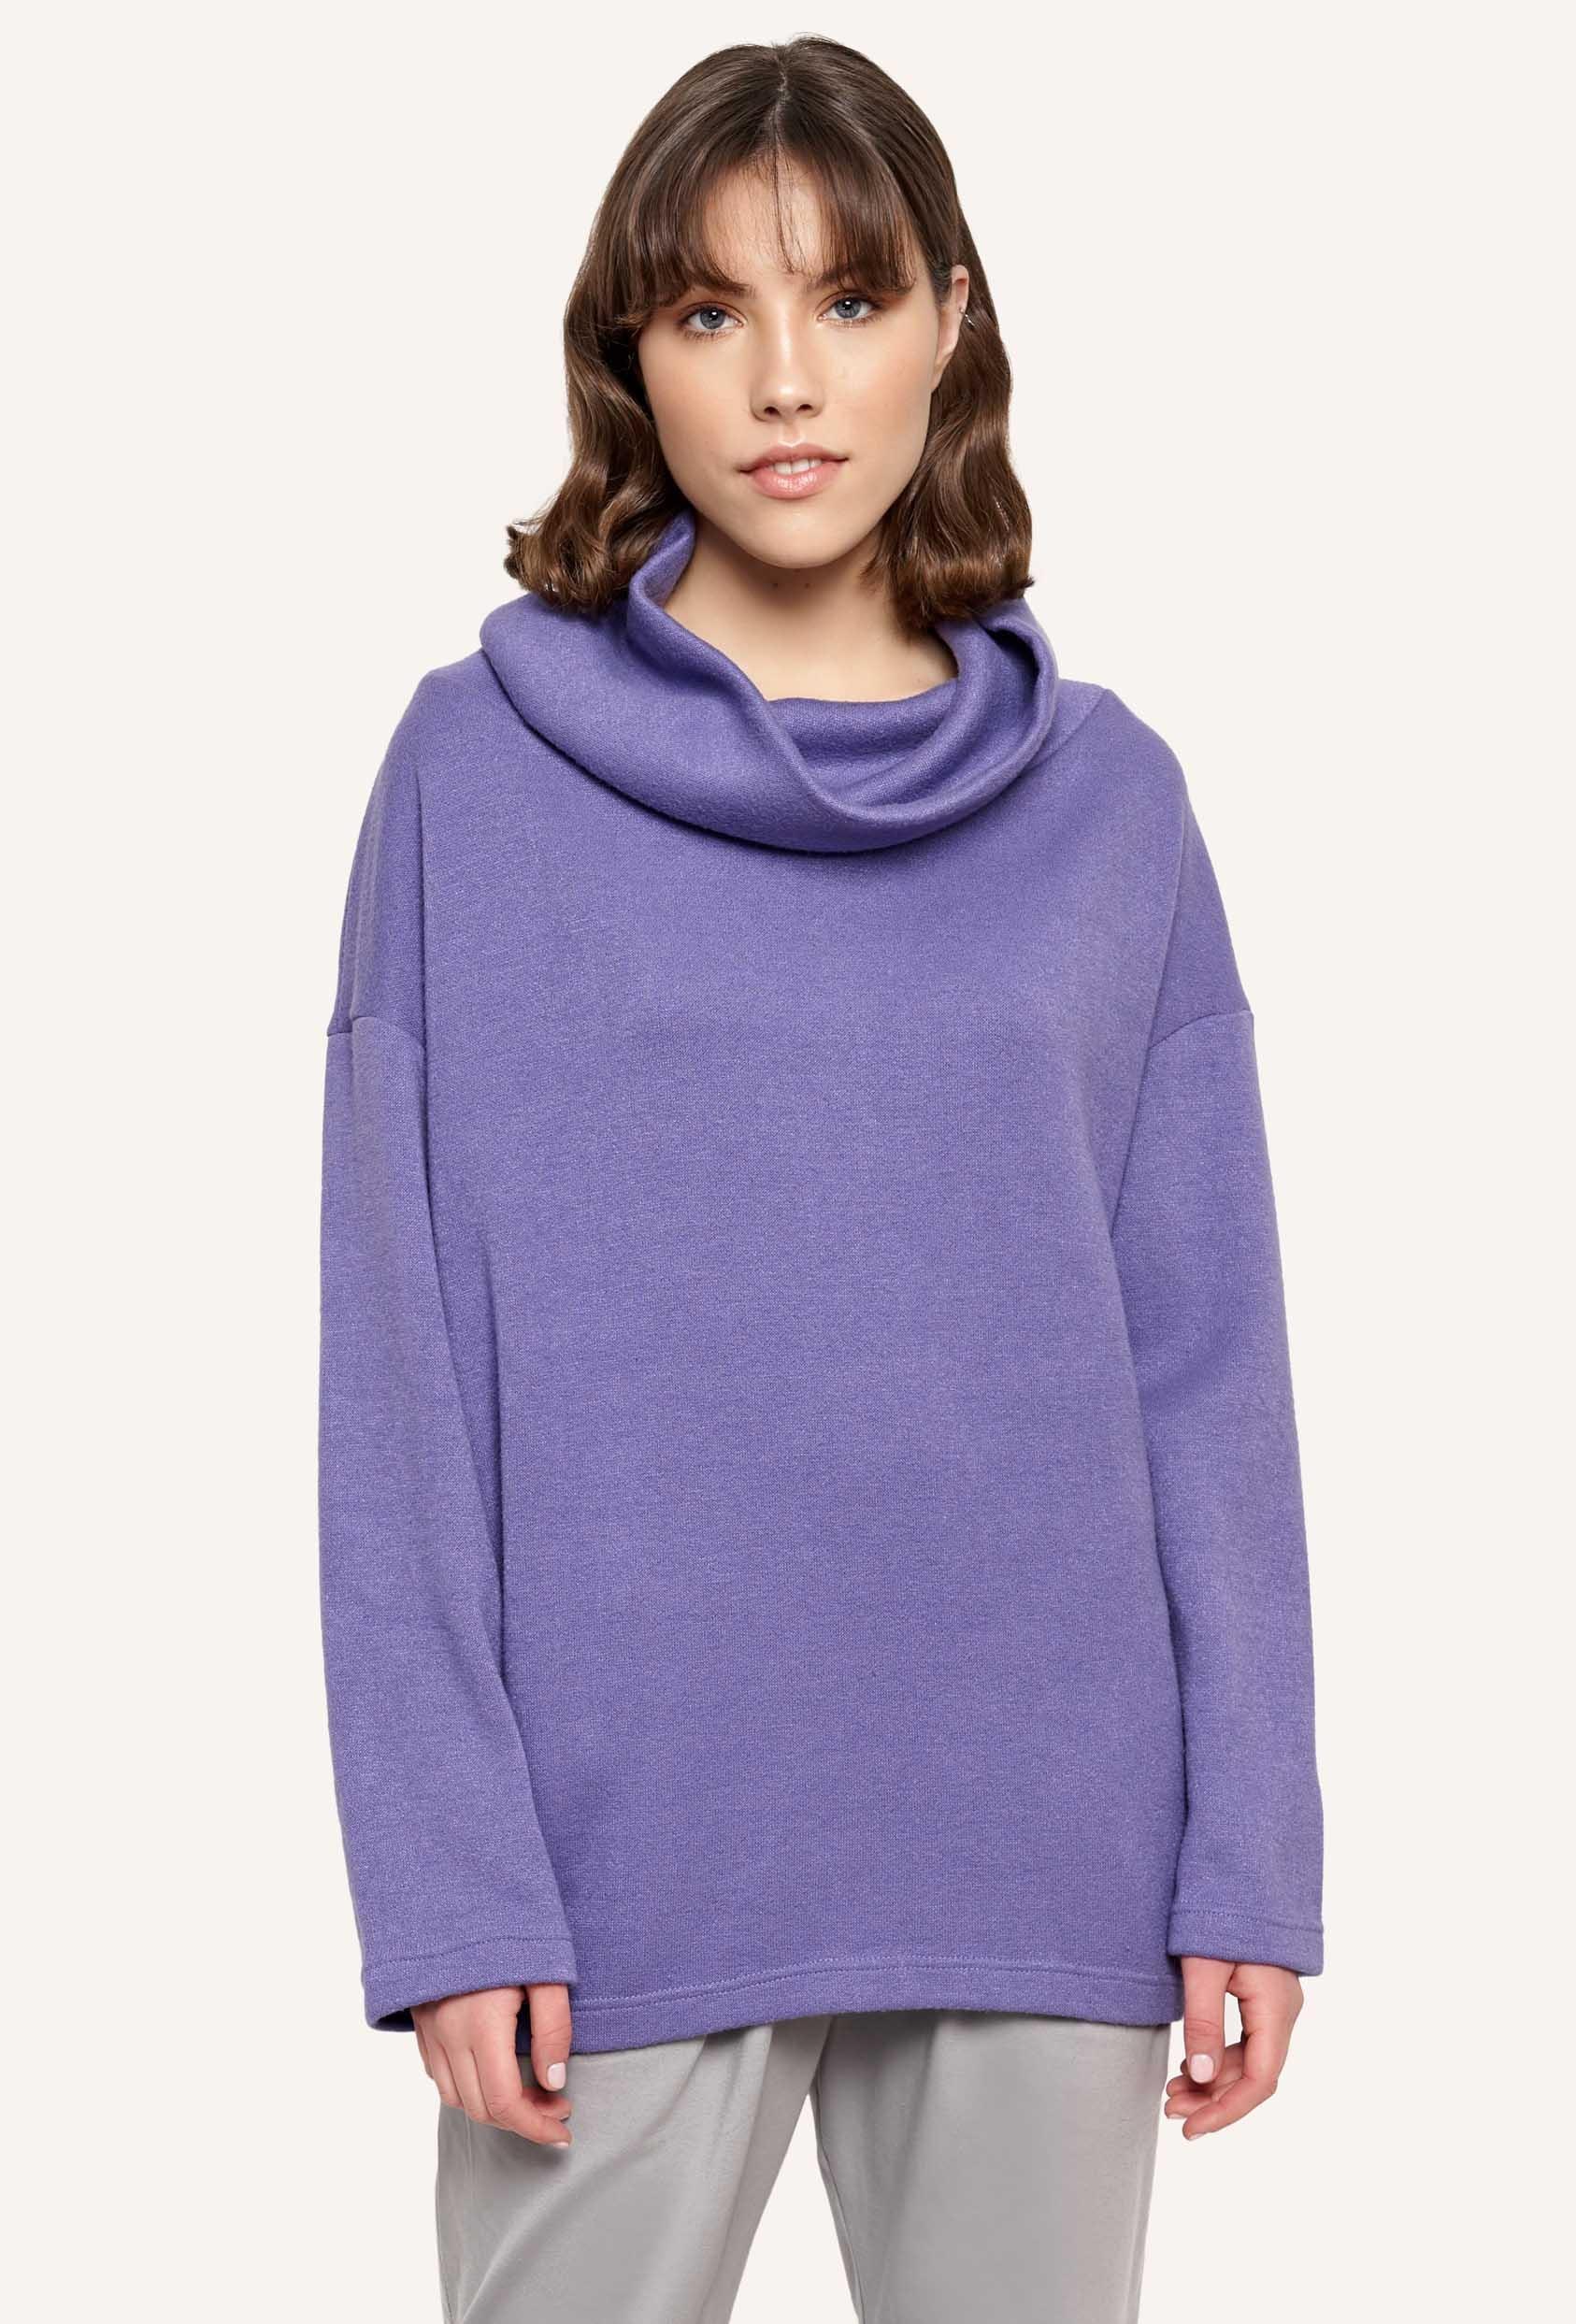 Sweter luźny RACHEL SWEATER fioletowy_1